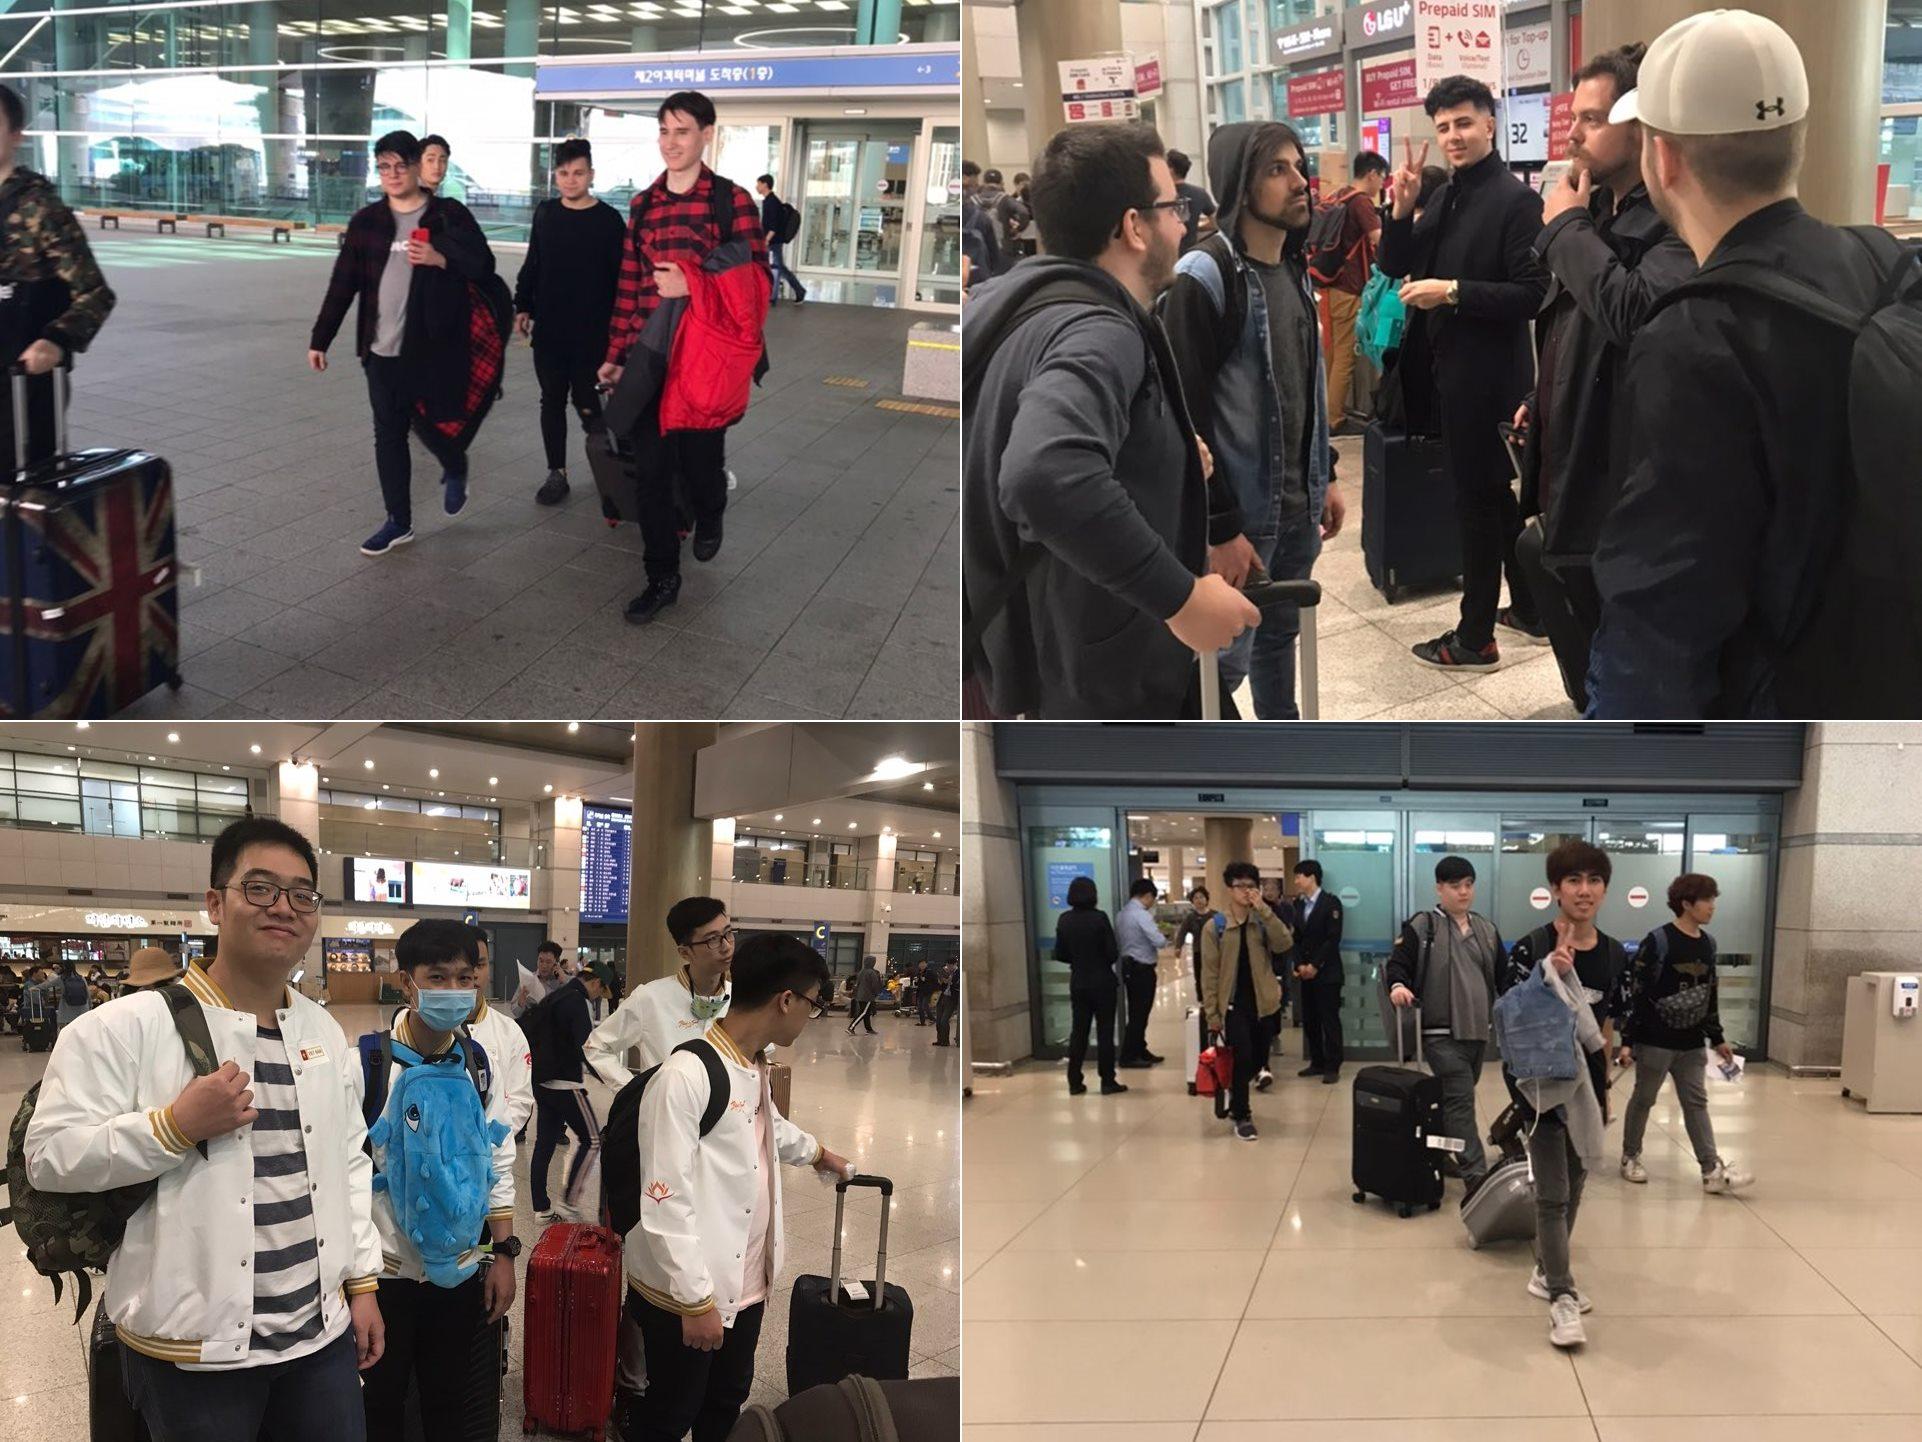 [사진 1] 월드 챔피언십을 위해 입국하는 러시아, 유럽, 태국, 베트남 선수들 모습(왼쪽 위부터 시계방향으로)